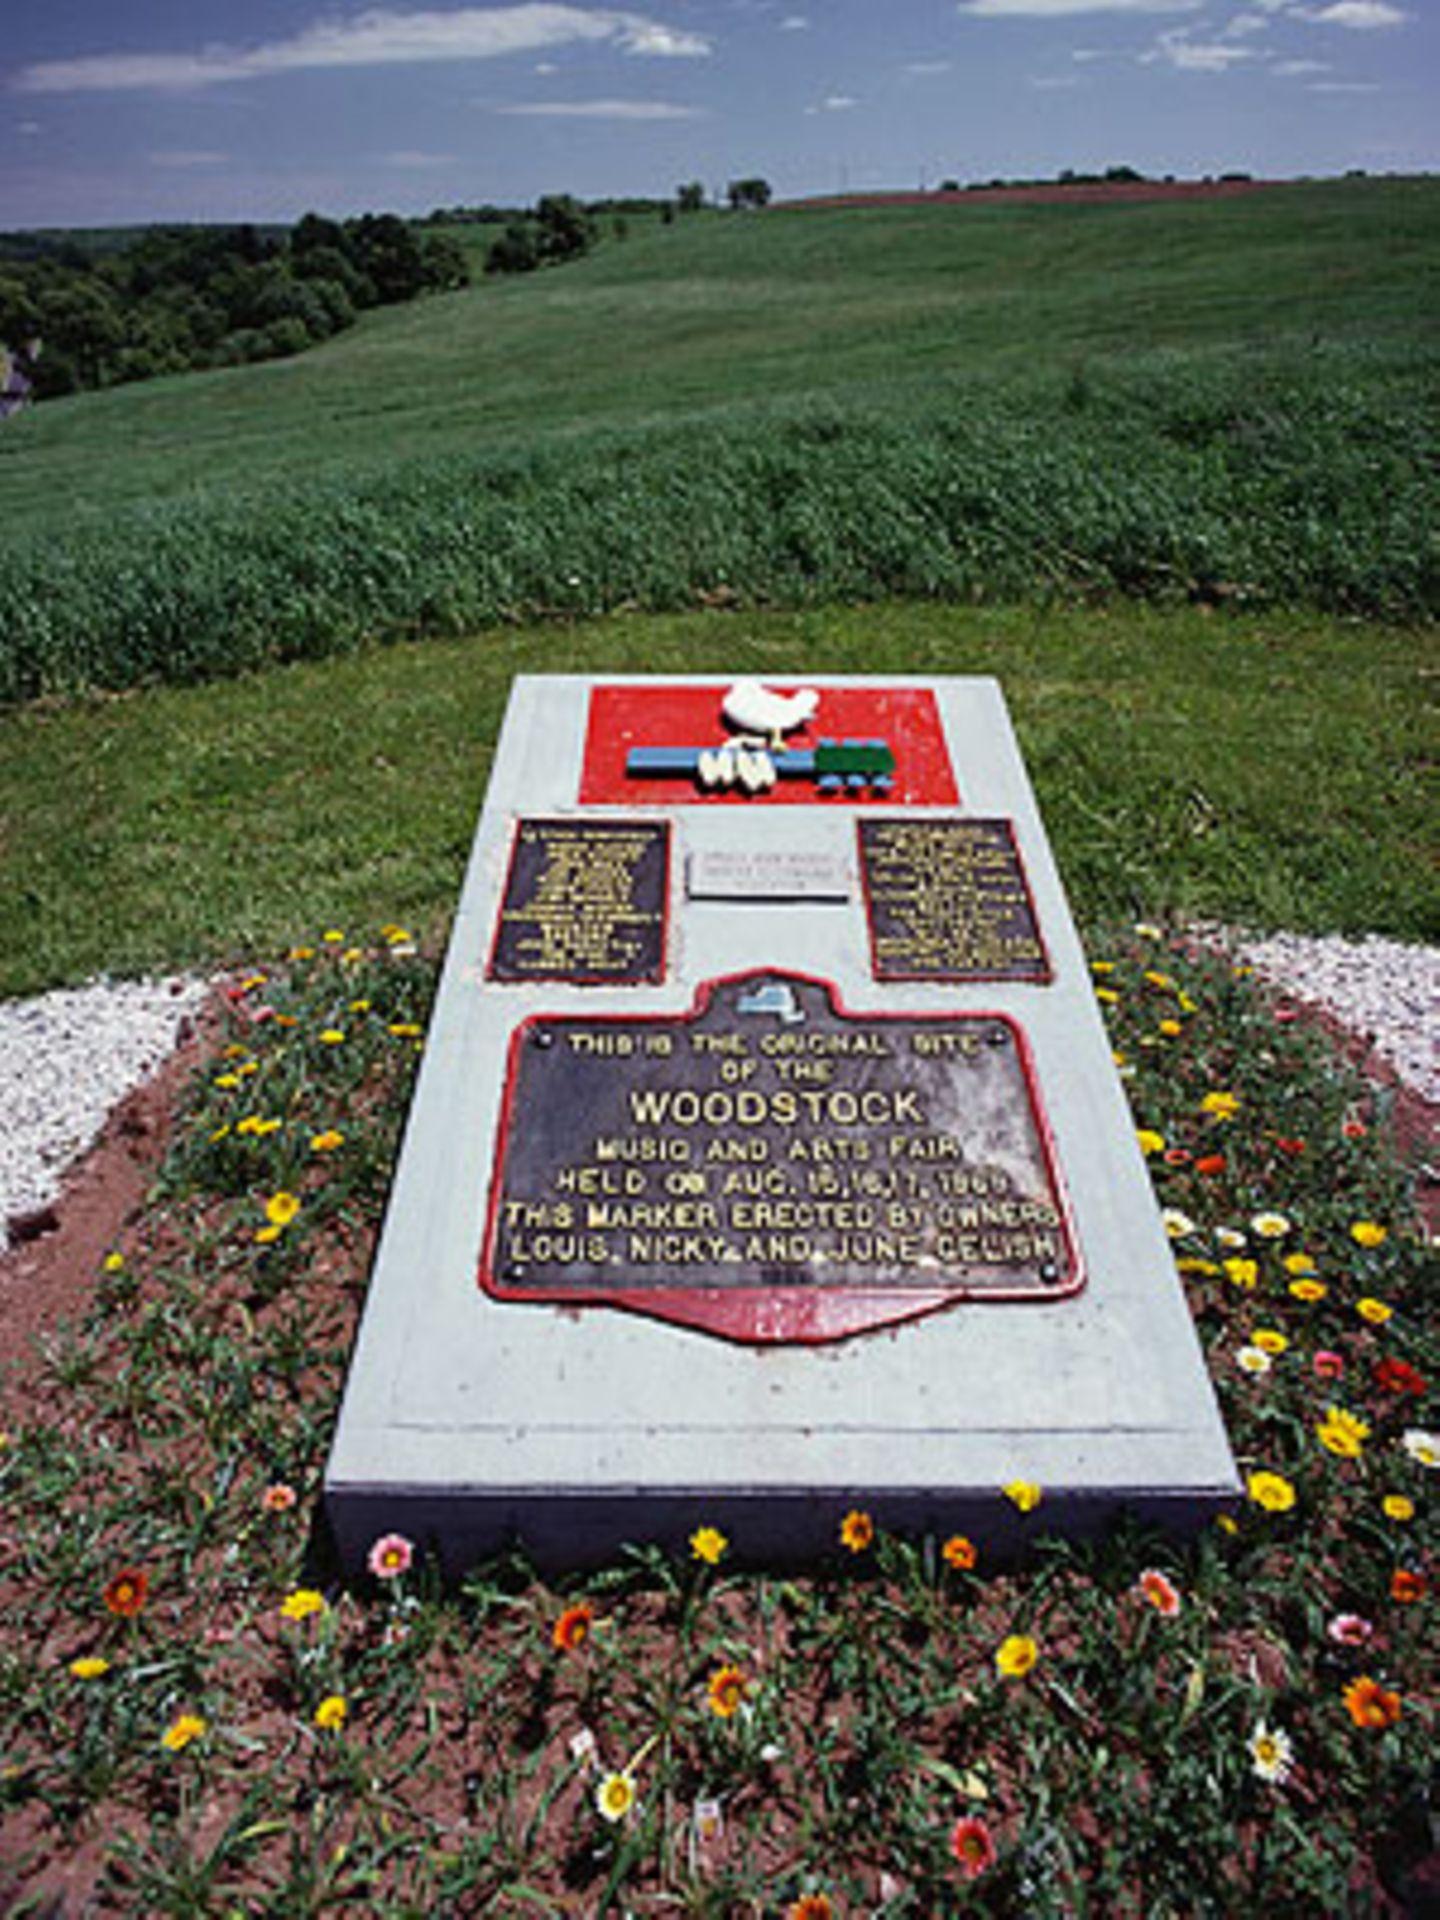 Ein Gedenkstein erinnert an die Stelle, an der einst das größte Musikfestival aller Zeiten stattfand.